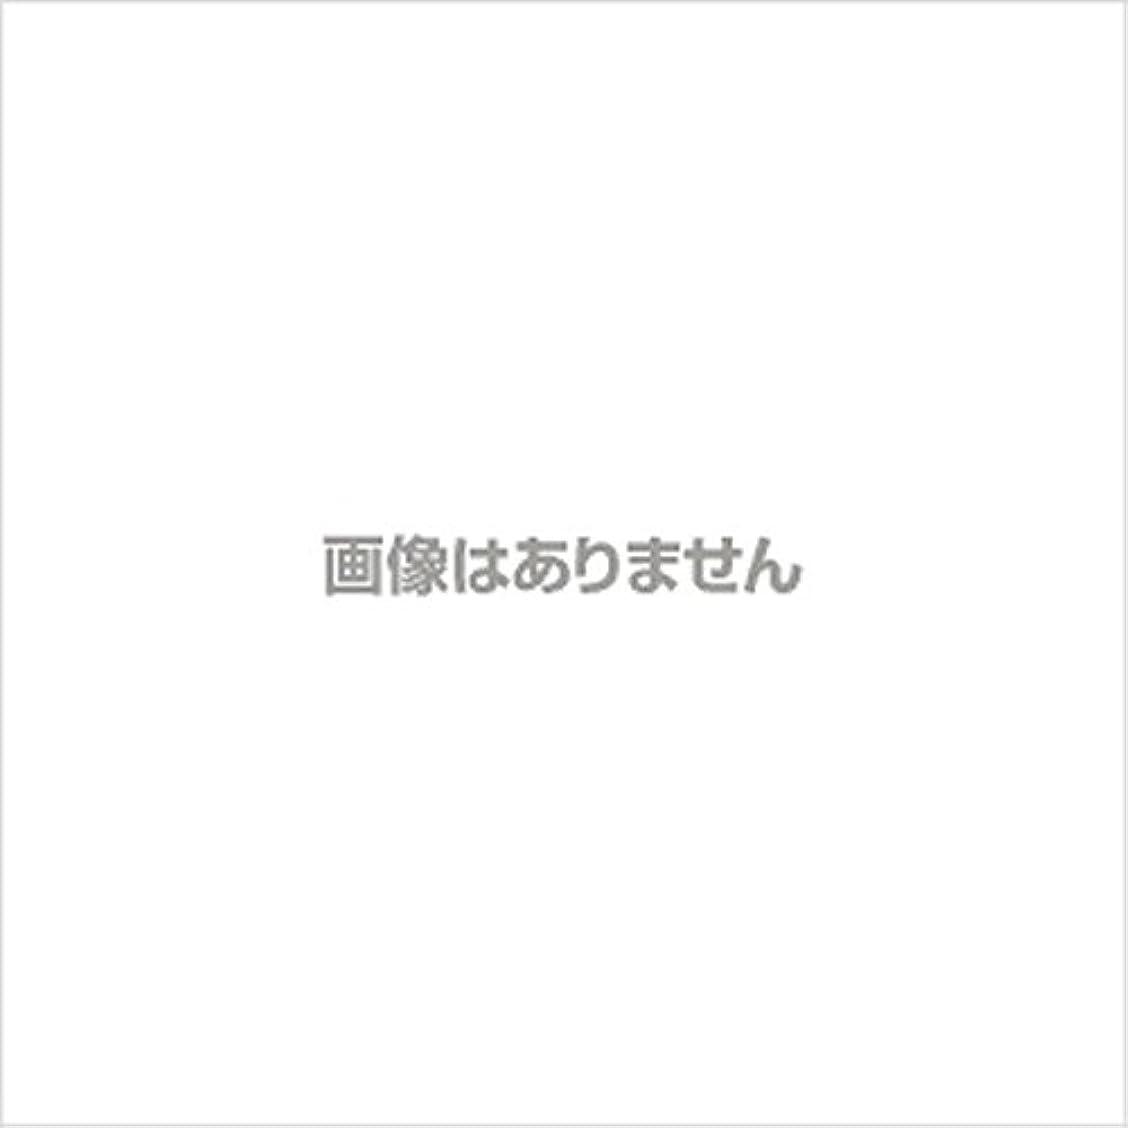 うん服を着る短命【新発売】EBUKEA エブケアNO1004 プラスチックグローブ(パウダーフリー?粉なし)Sサイズ 100枚入(極薄?半透明)